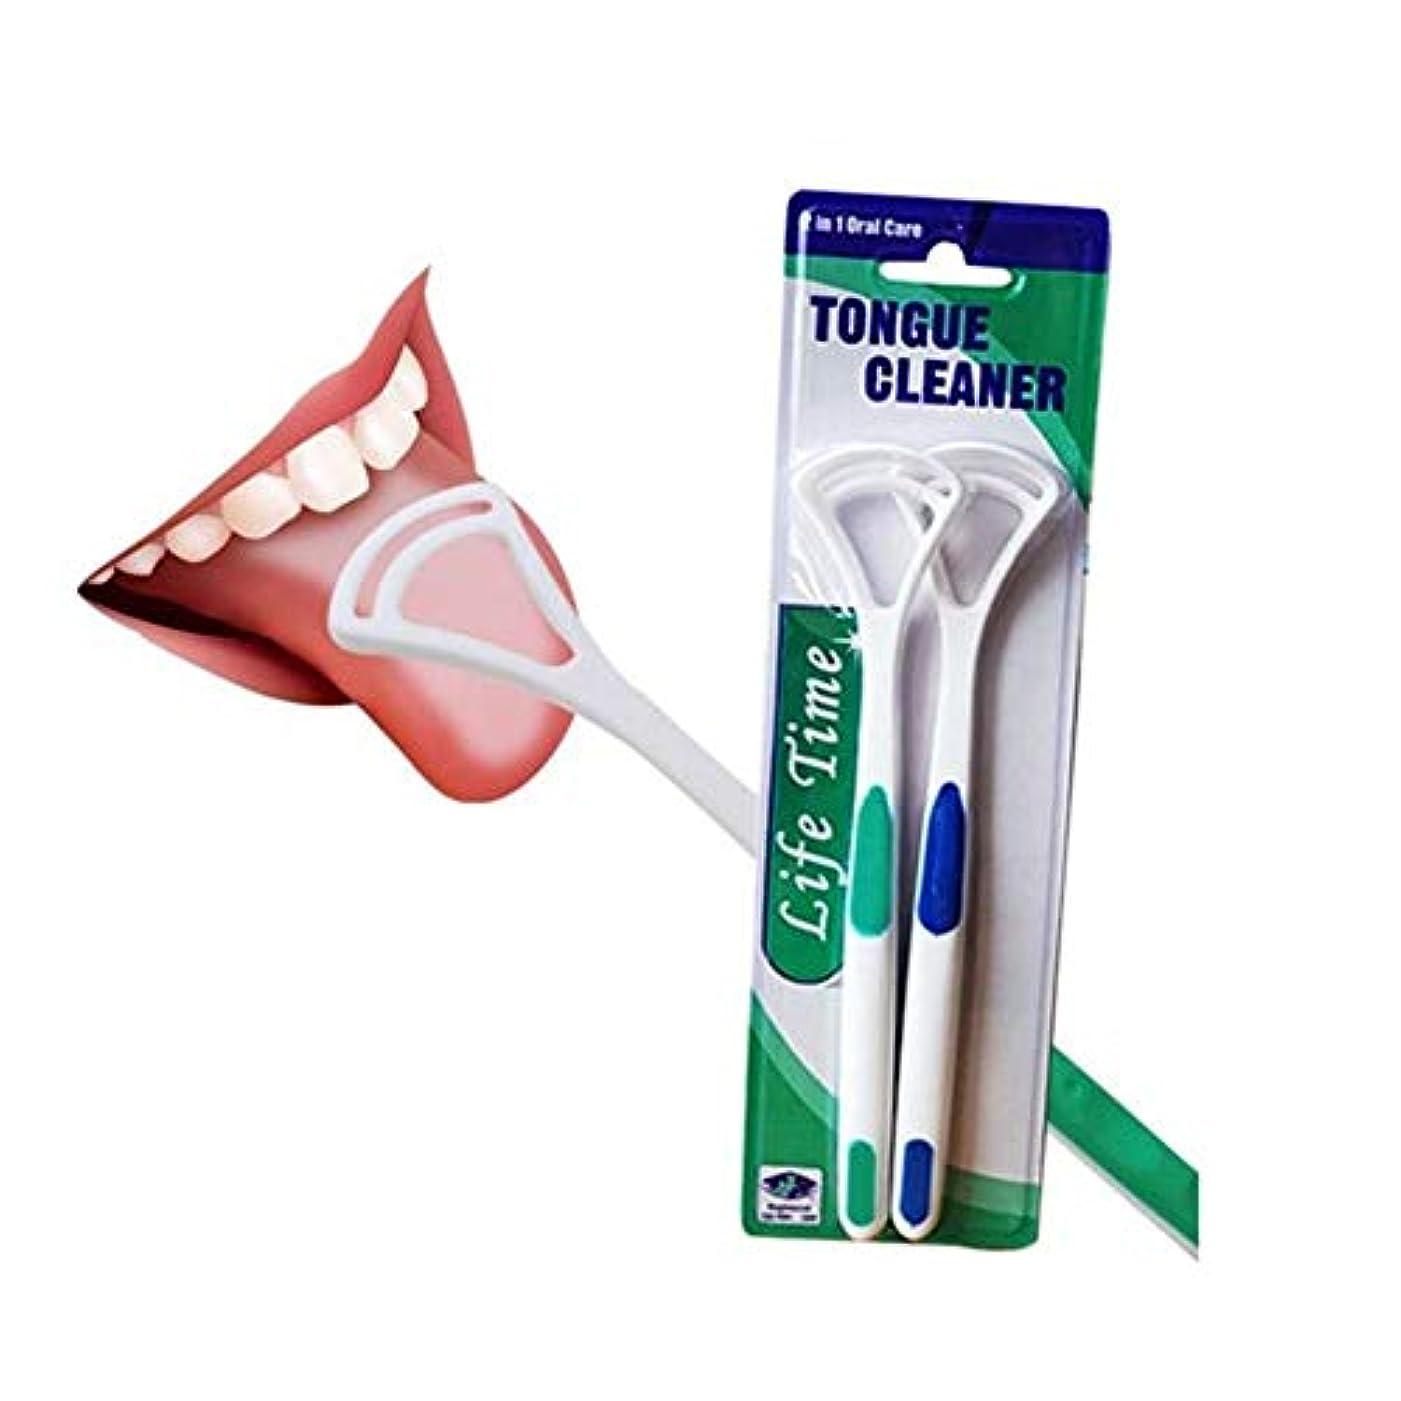 軽減する壁紙パキスタンZHQI-HEAL 4ピース新しいホット舌クリーナースクレーパースクラッチ舌コーティングブラシクリーナーシリカハンドル口腔衛生家族歯ケアツール (色 : Blue/green)